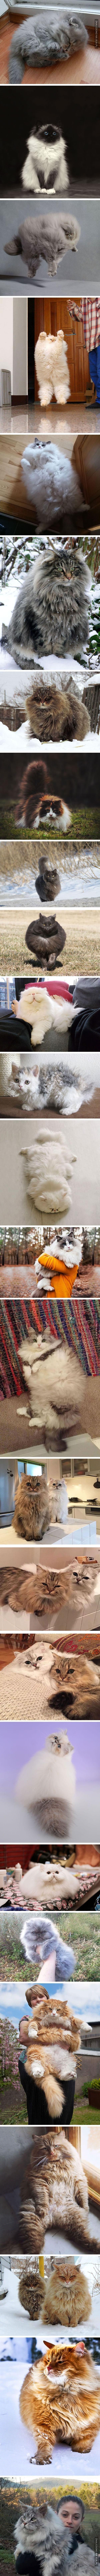 Kompilacja kudłatych kotów